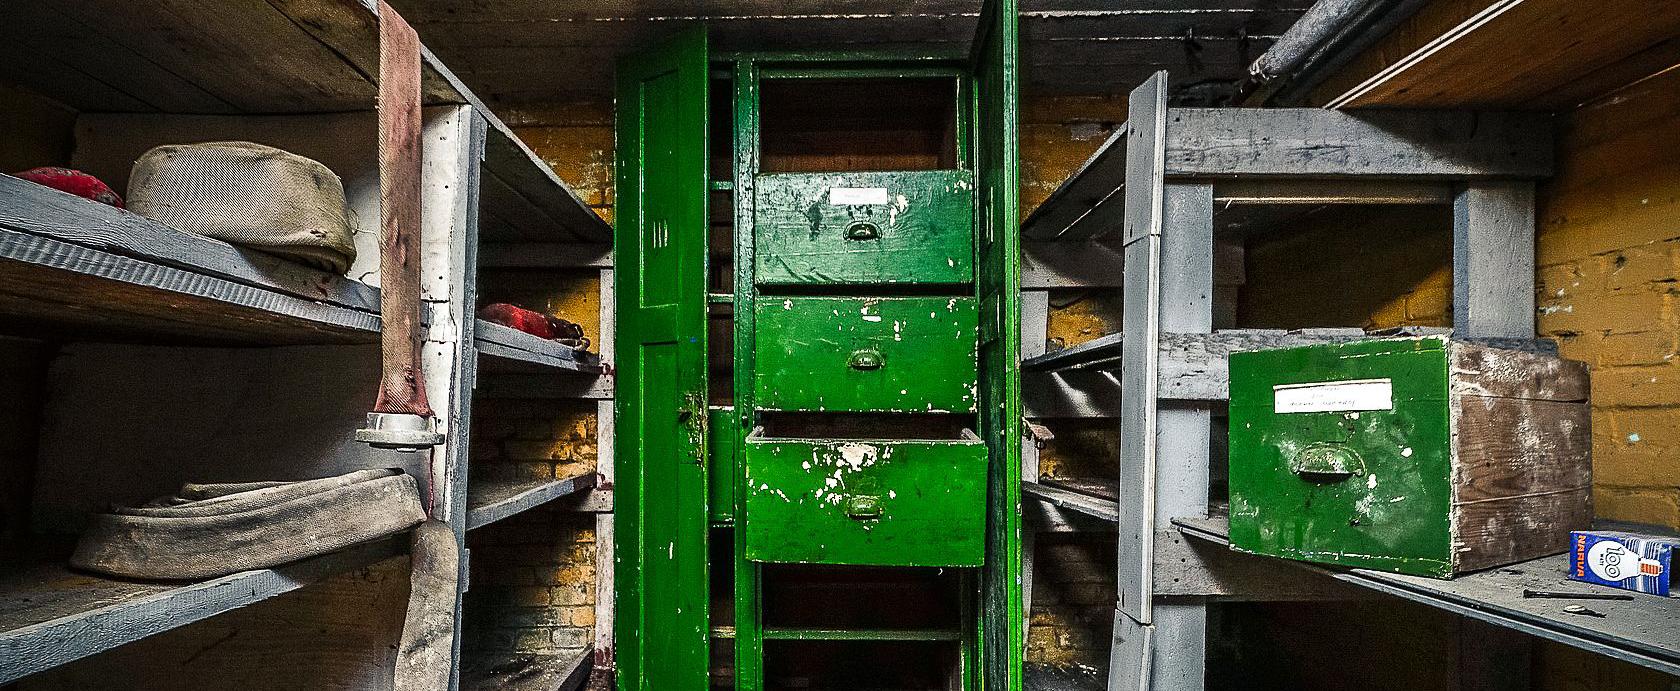 Der Keller einer ehemaligen sowjetischen Kaserne